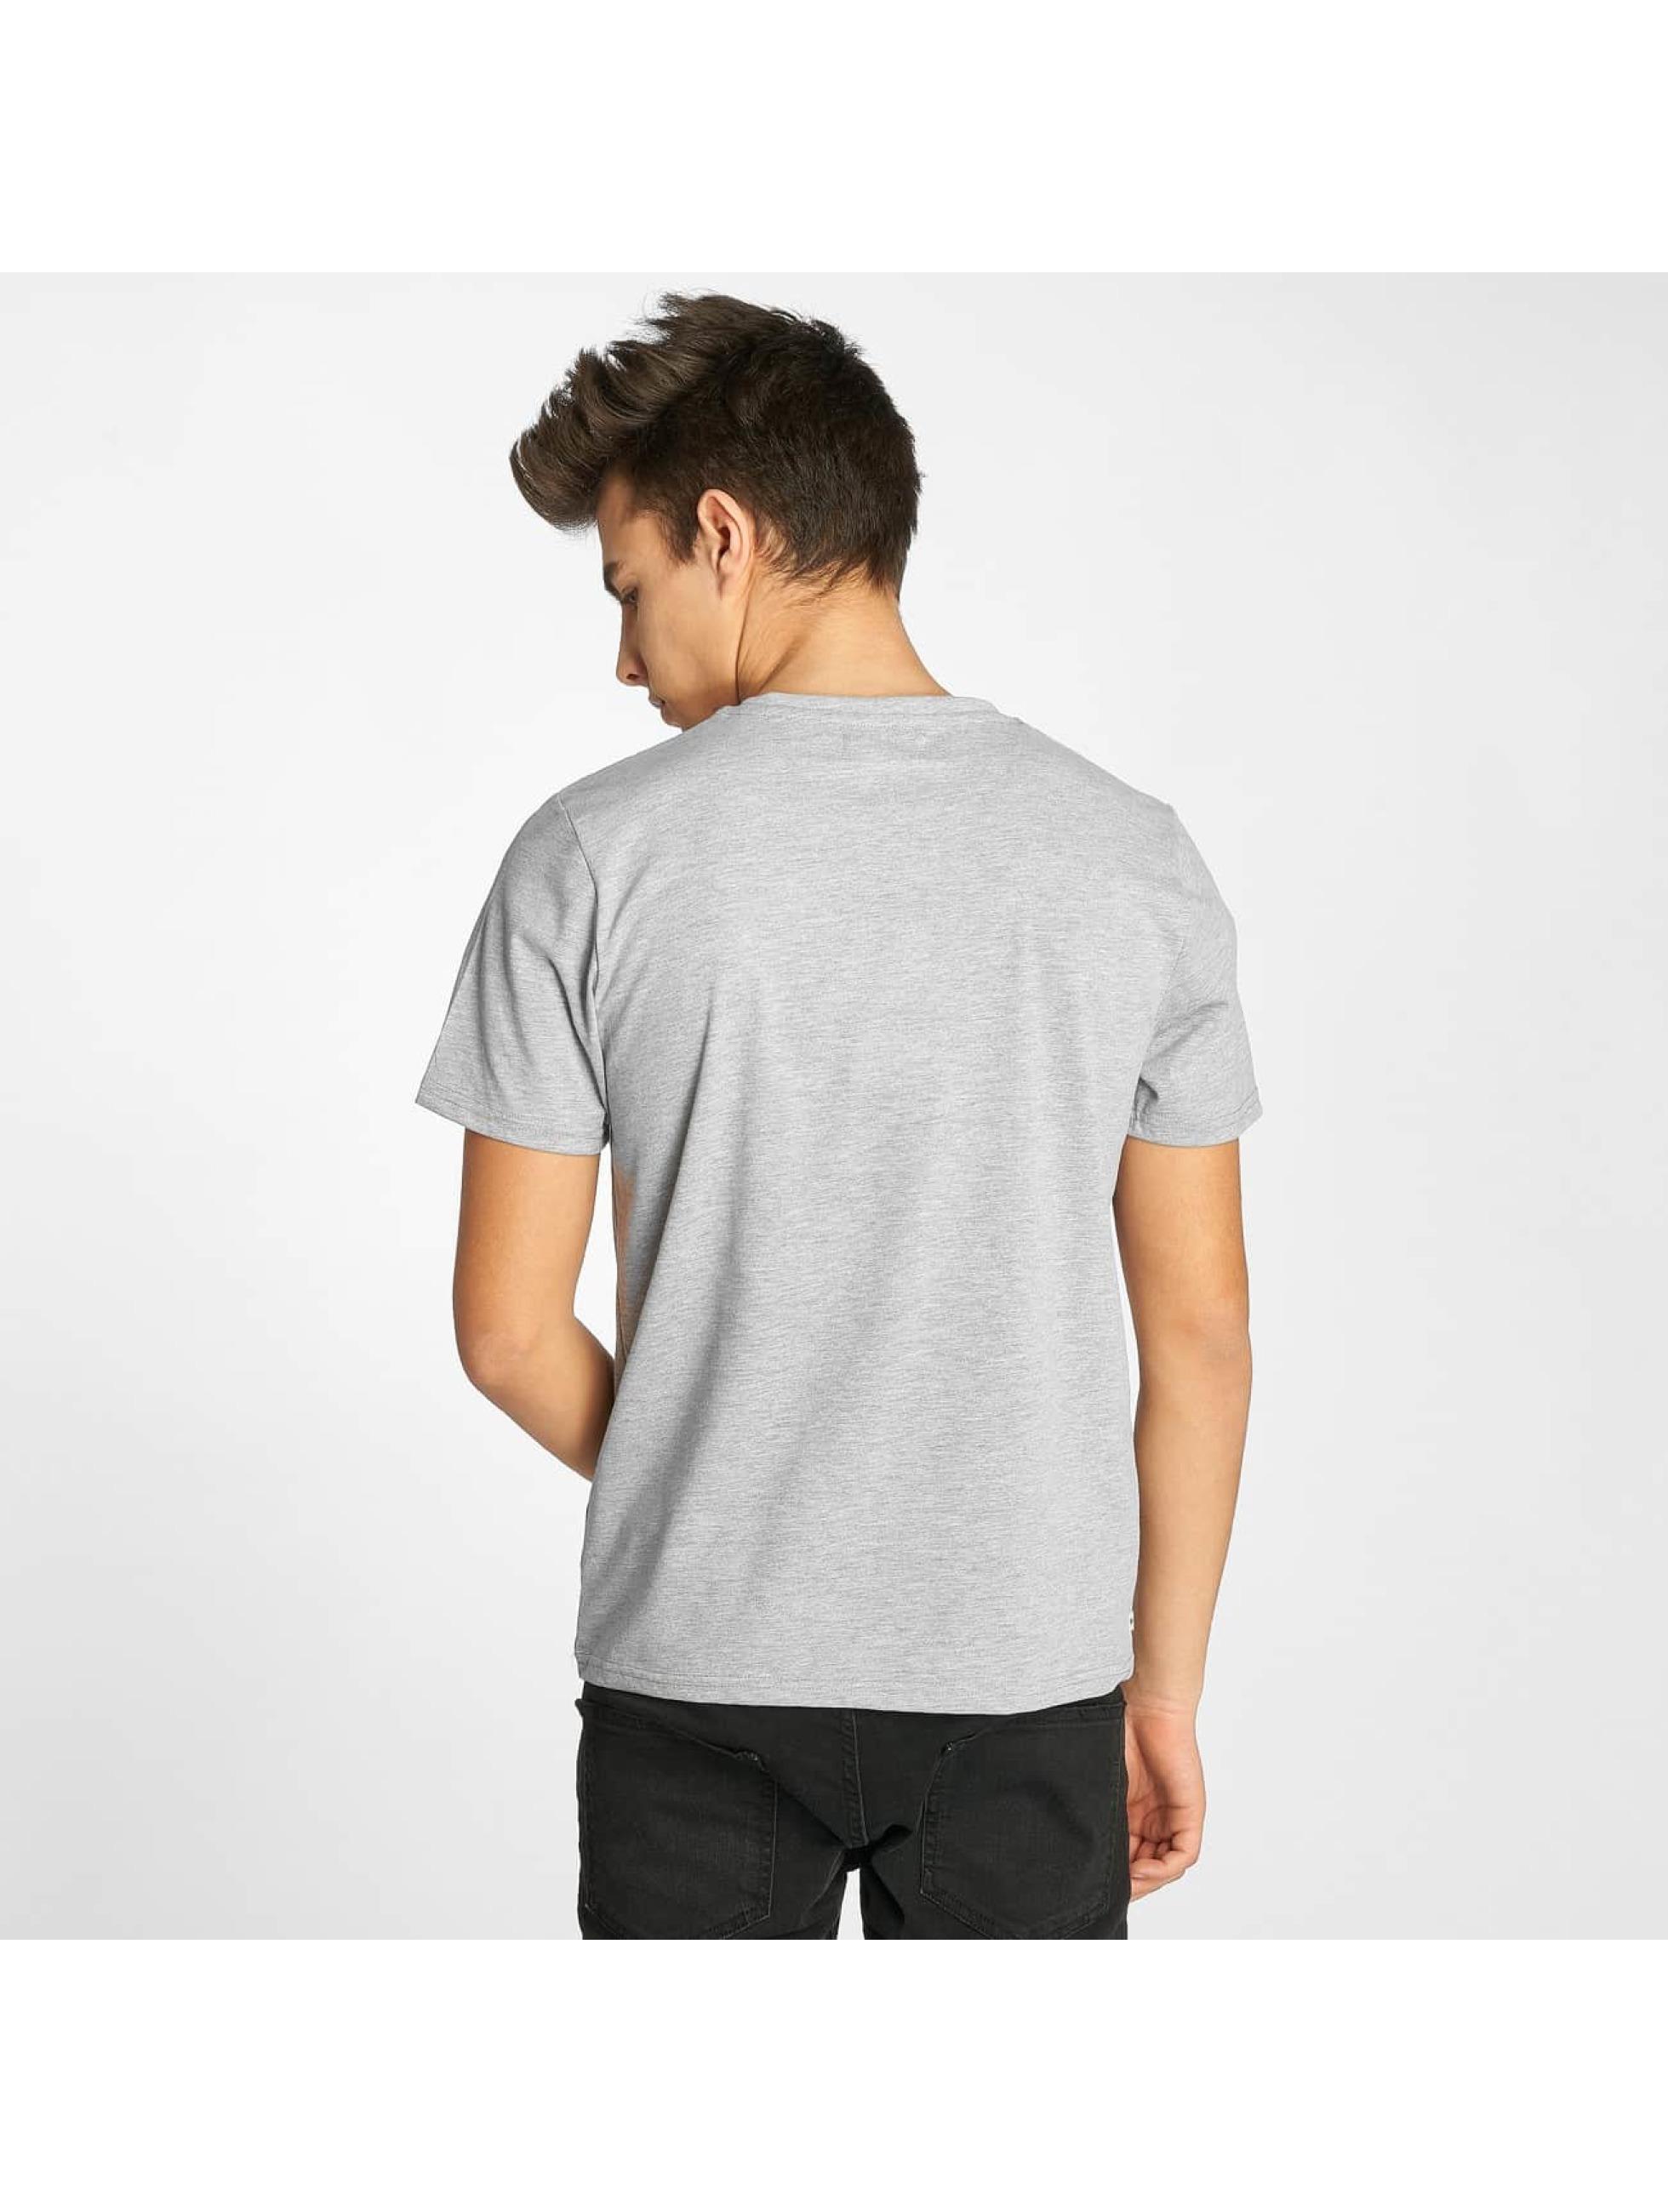 Kulte T-Shirt New York gray